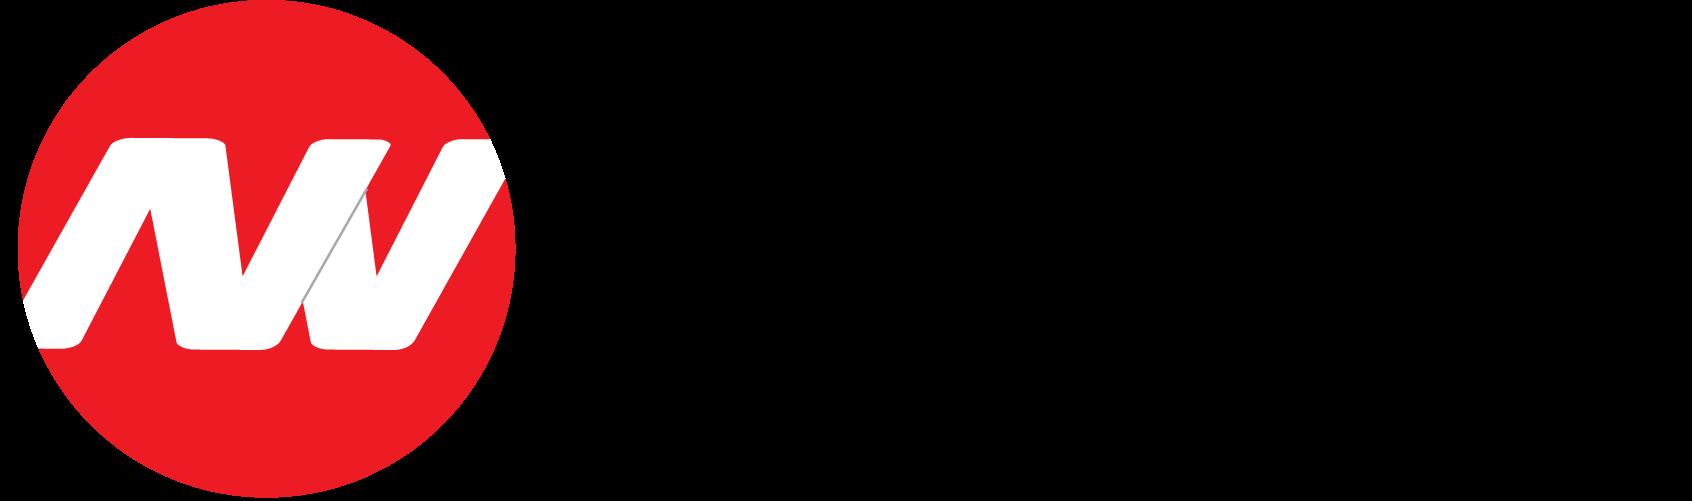 New Way Mortgage logo